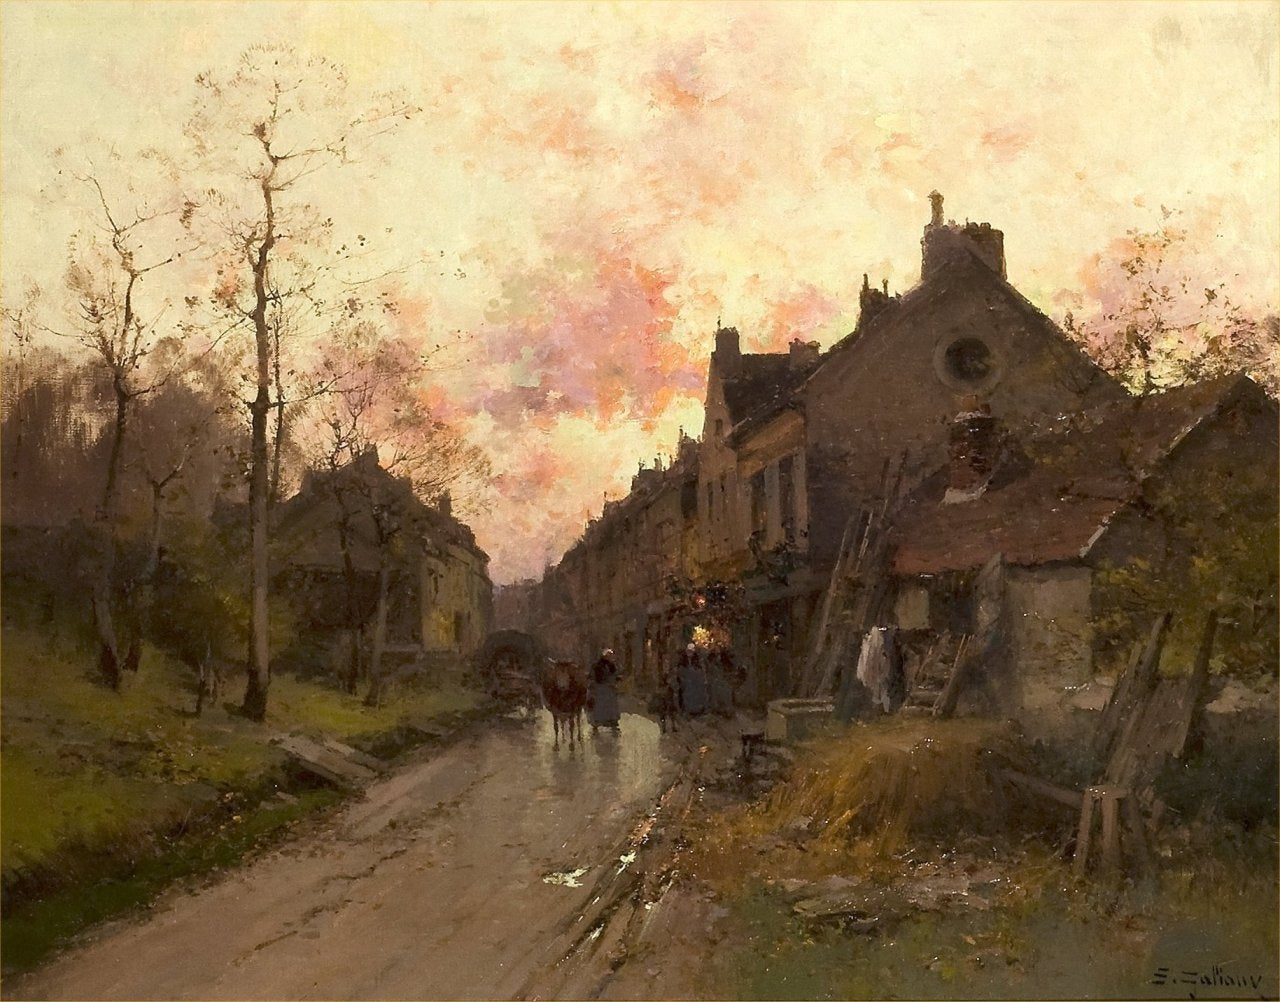 Eugene Galien-Laloue - Soiree en Normandie, Painting at ...